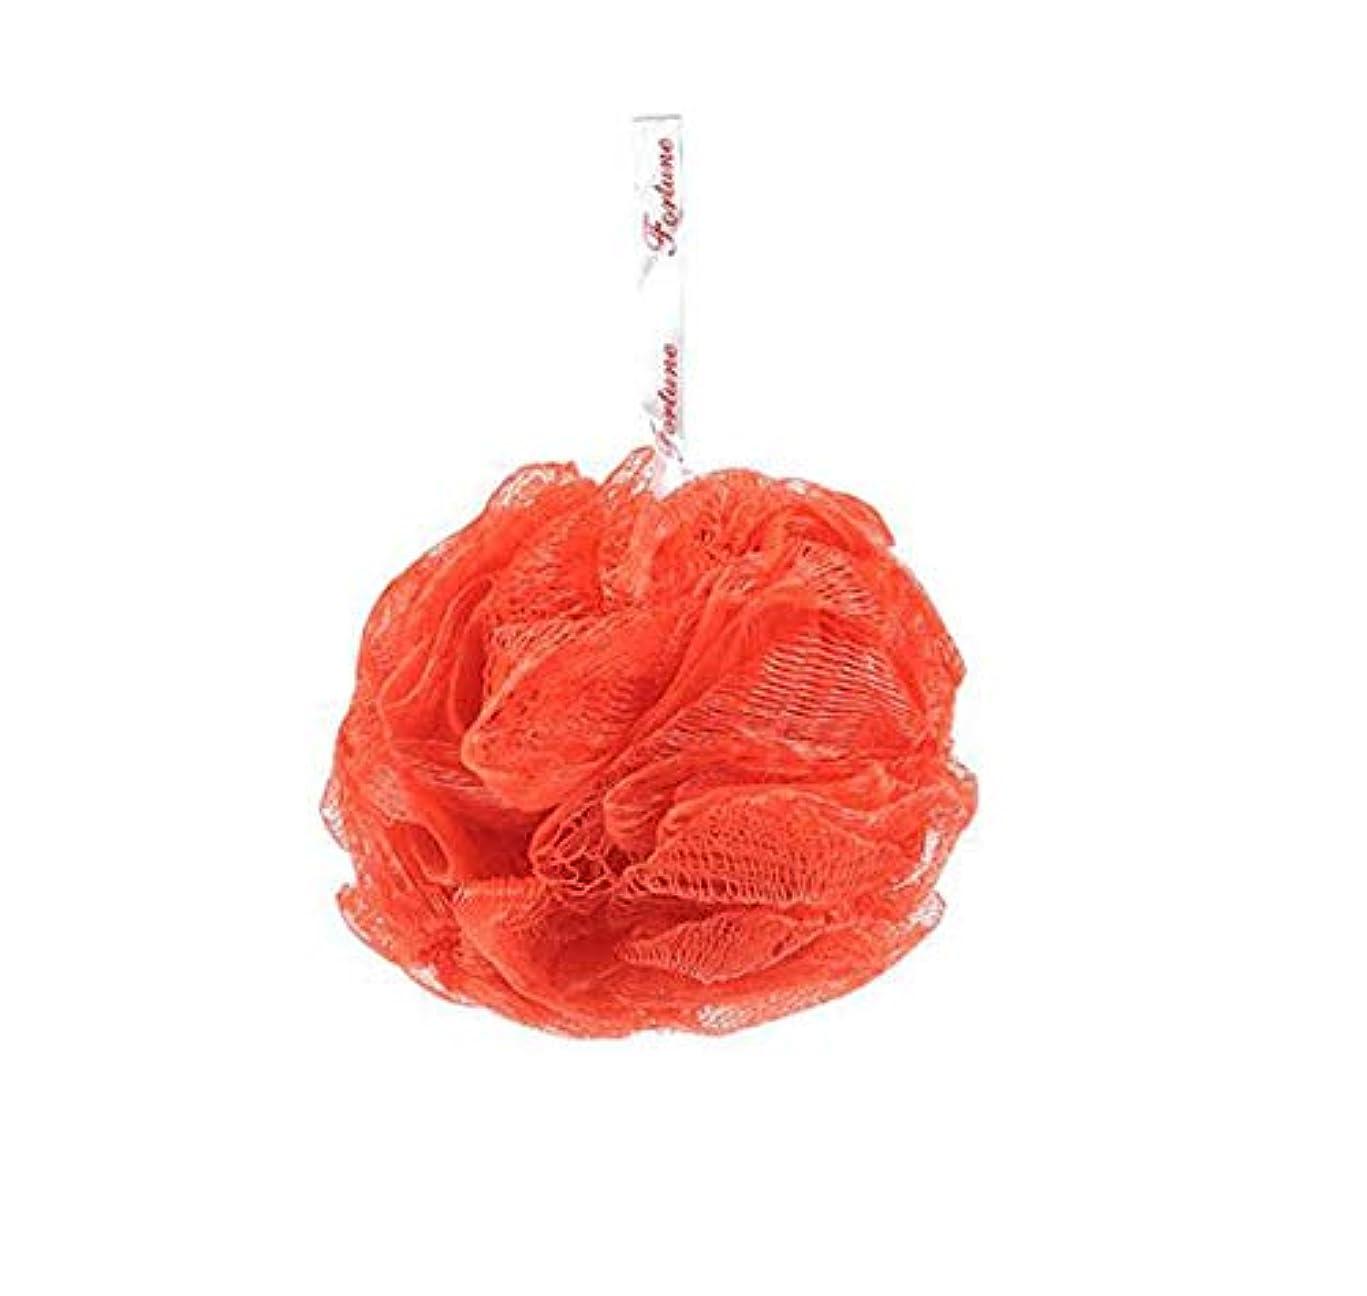 とまり木生まれオートHJ フラワーボール 泡立てネット たっぷり泡立つ ボディウォッシュボール お風呂用ボール ふわふわ 色ランダム (2個セット)